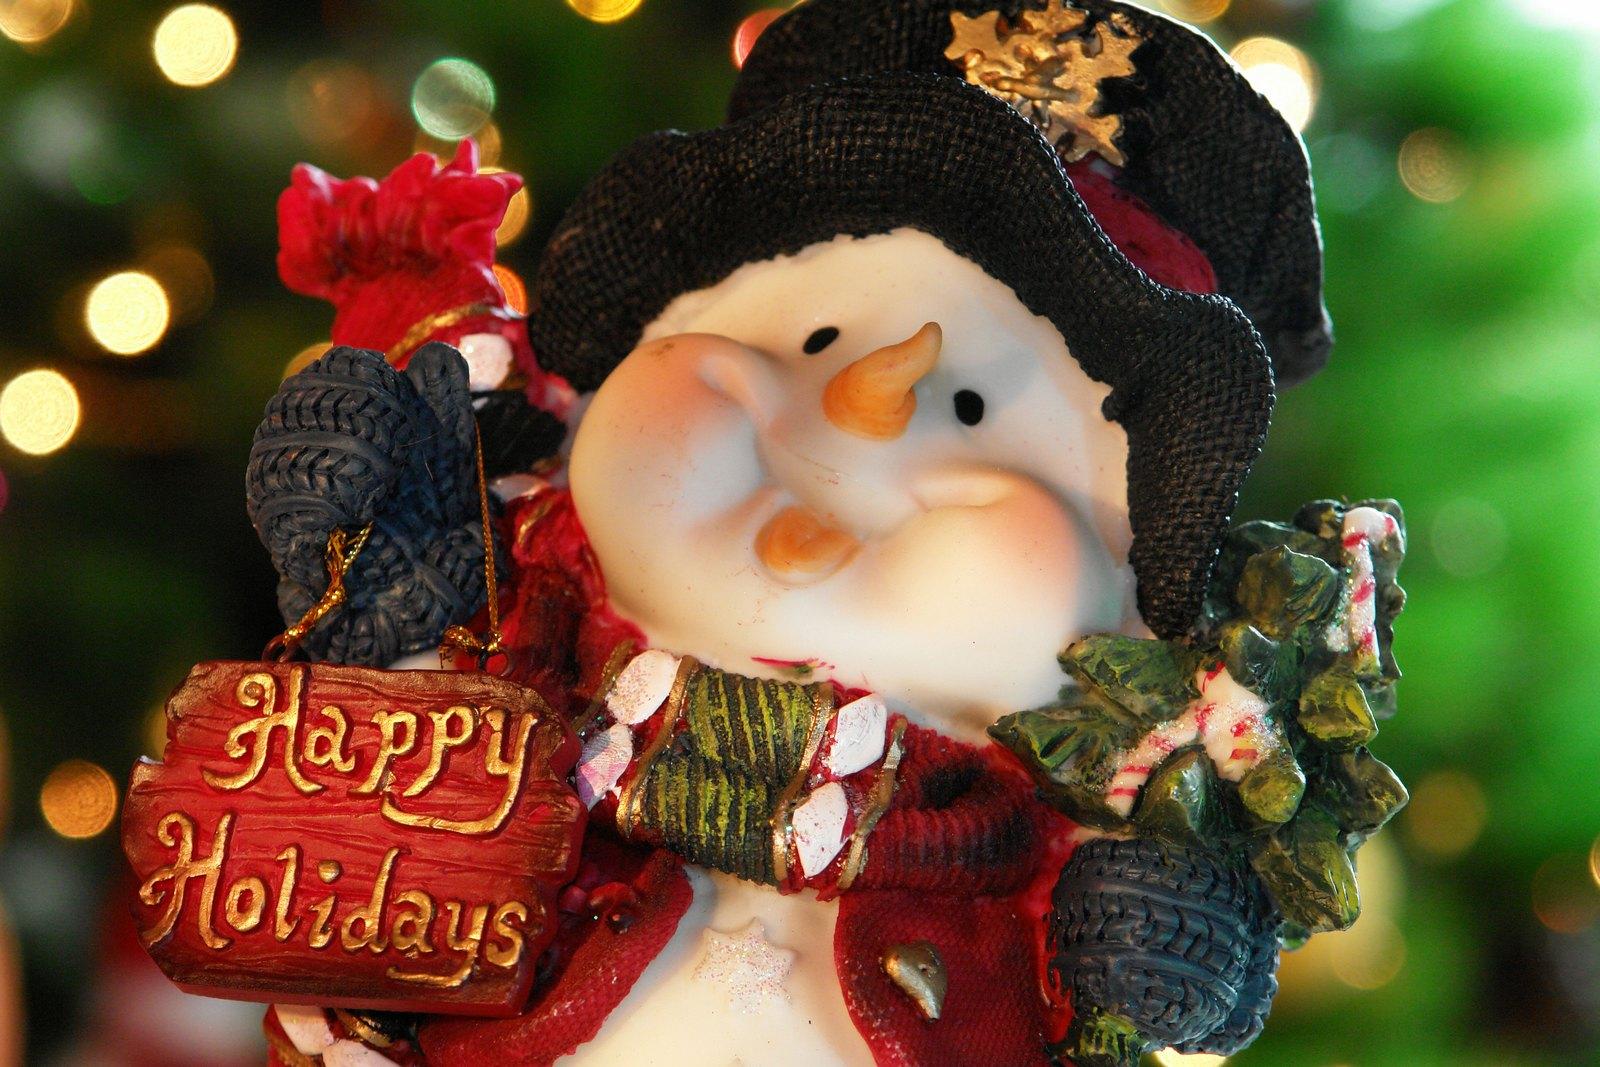 Merry Christmas 20202021 Wallpapers   Viral Hub 1600x1067